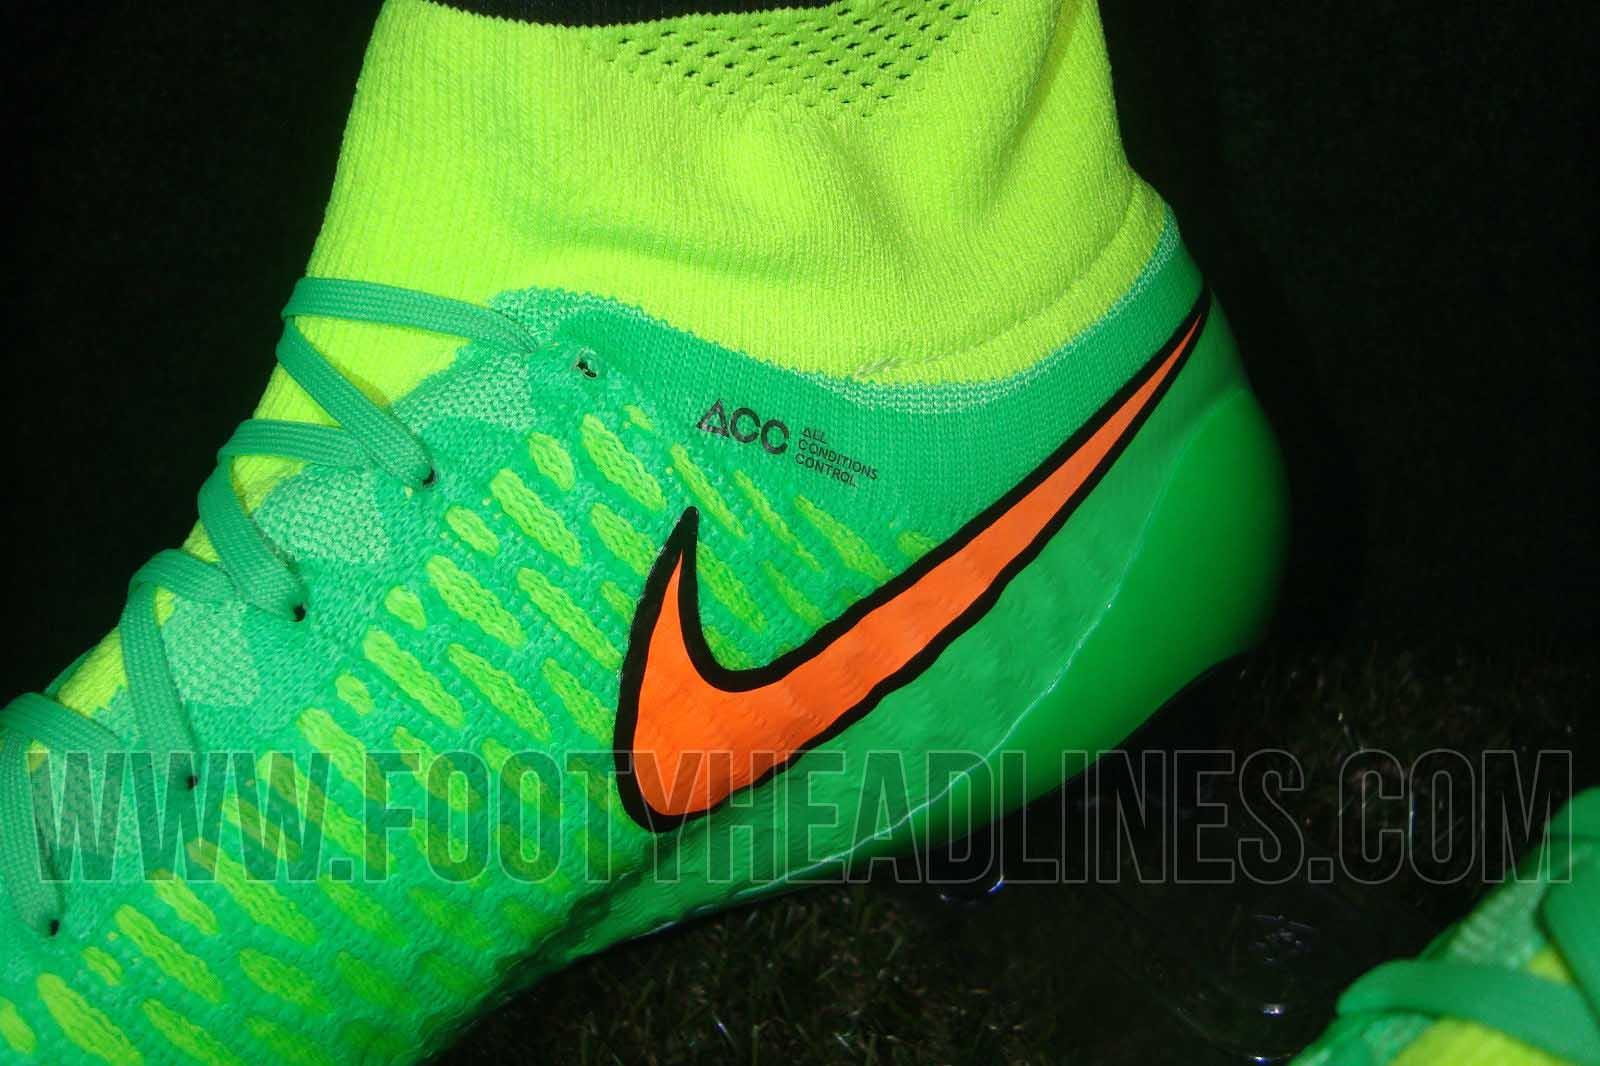 green nike magista obra 2015 boot leaked